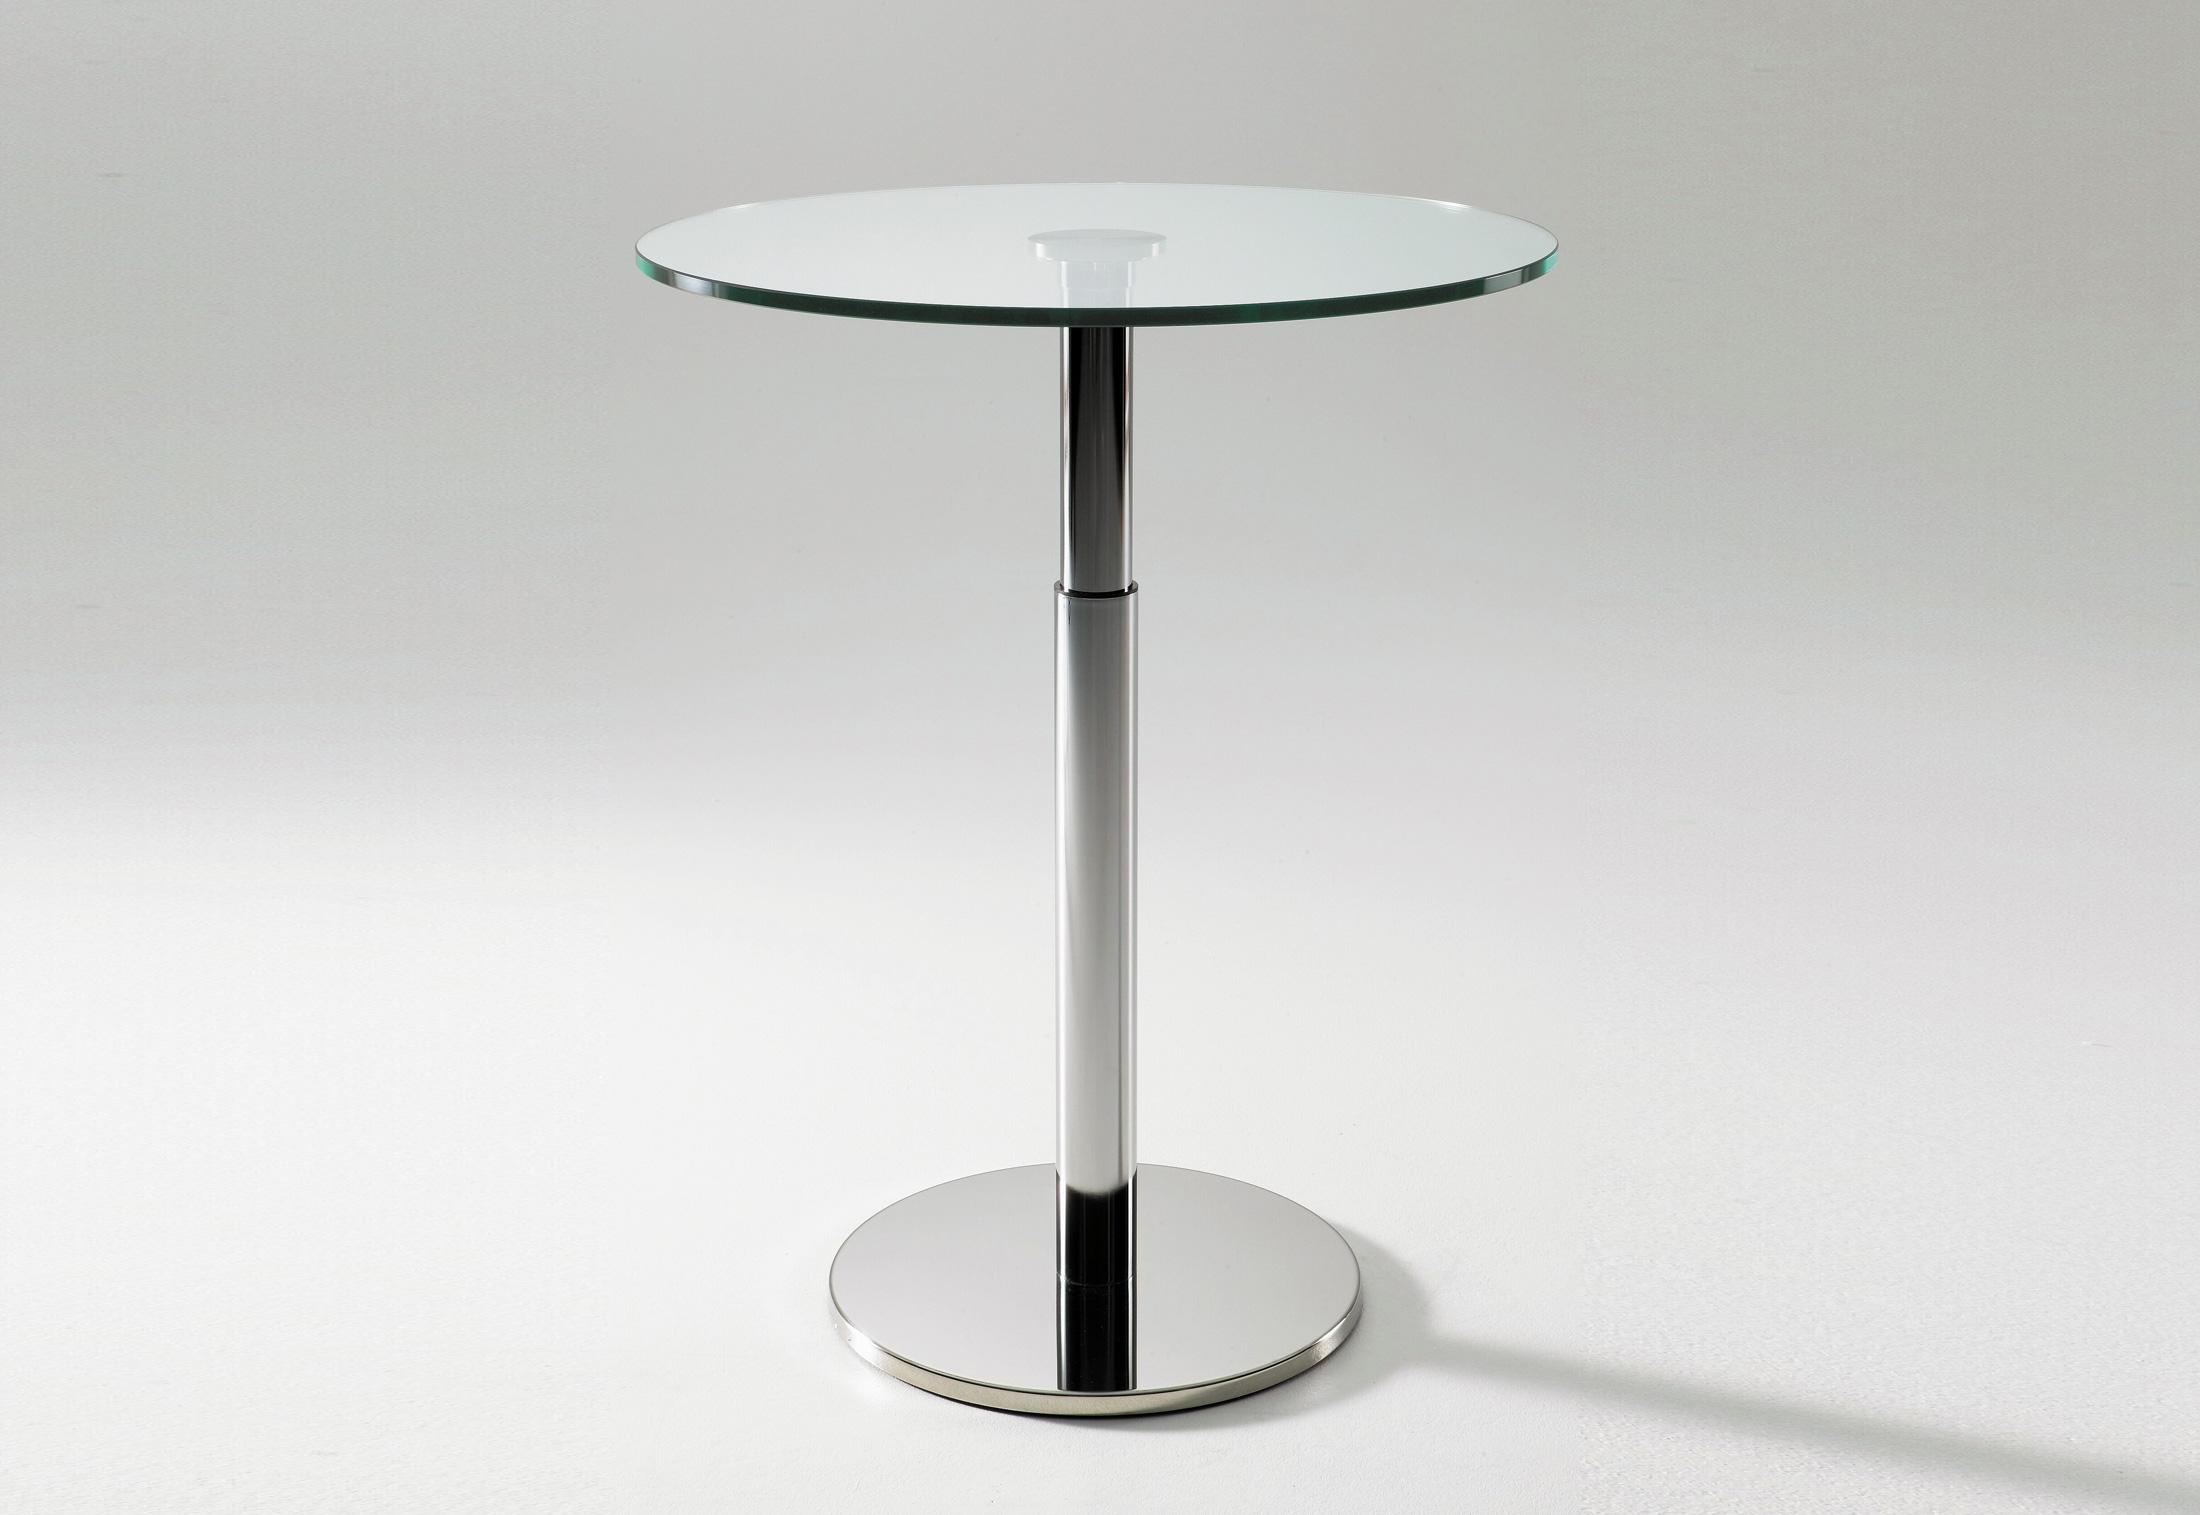 table bobine latest table de bureau bobine with table bobine finest table basse bobine with. Black Bedroom Furniture Sets. Home Design Ideas